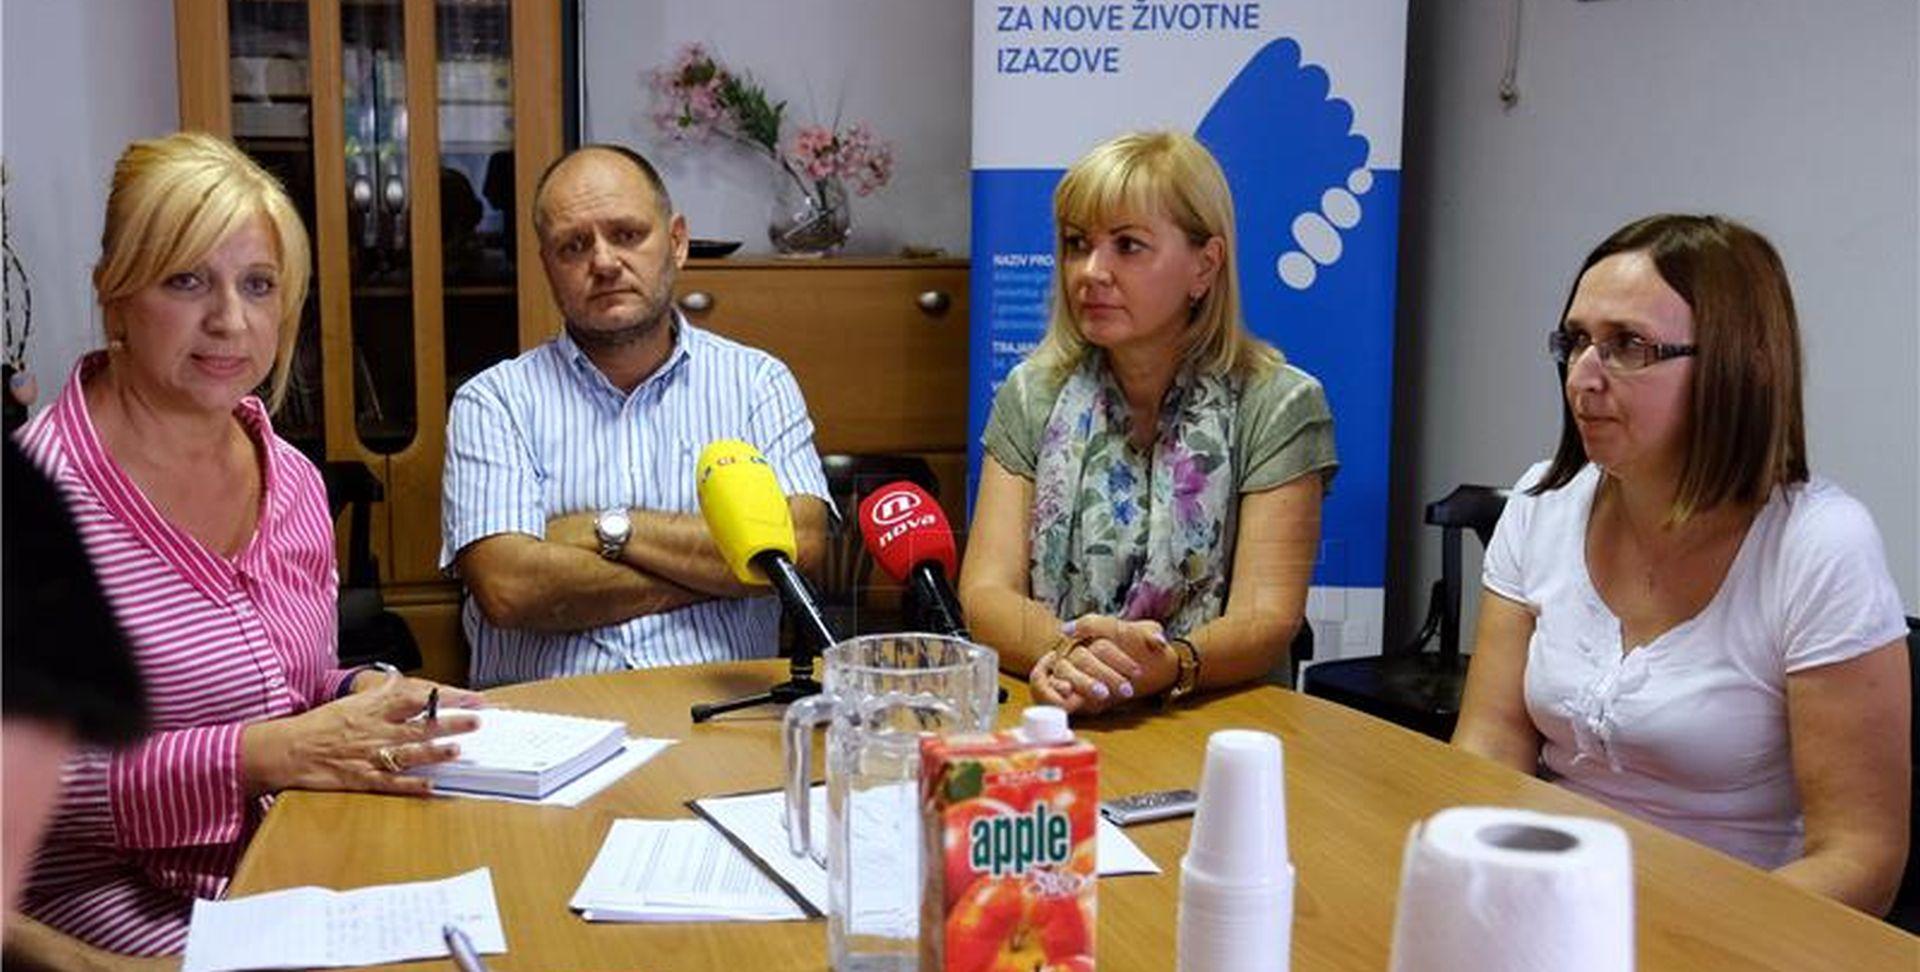 Zašto Plenković ukida ured za droge?